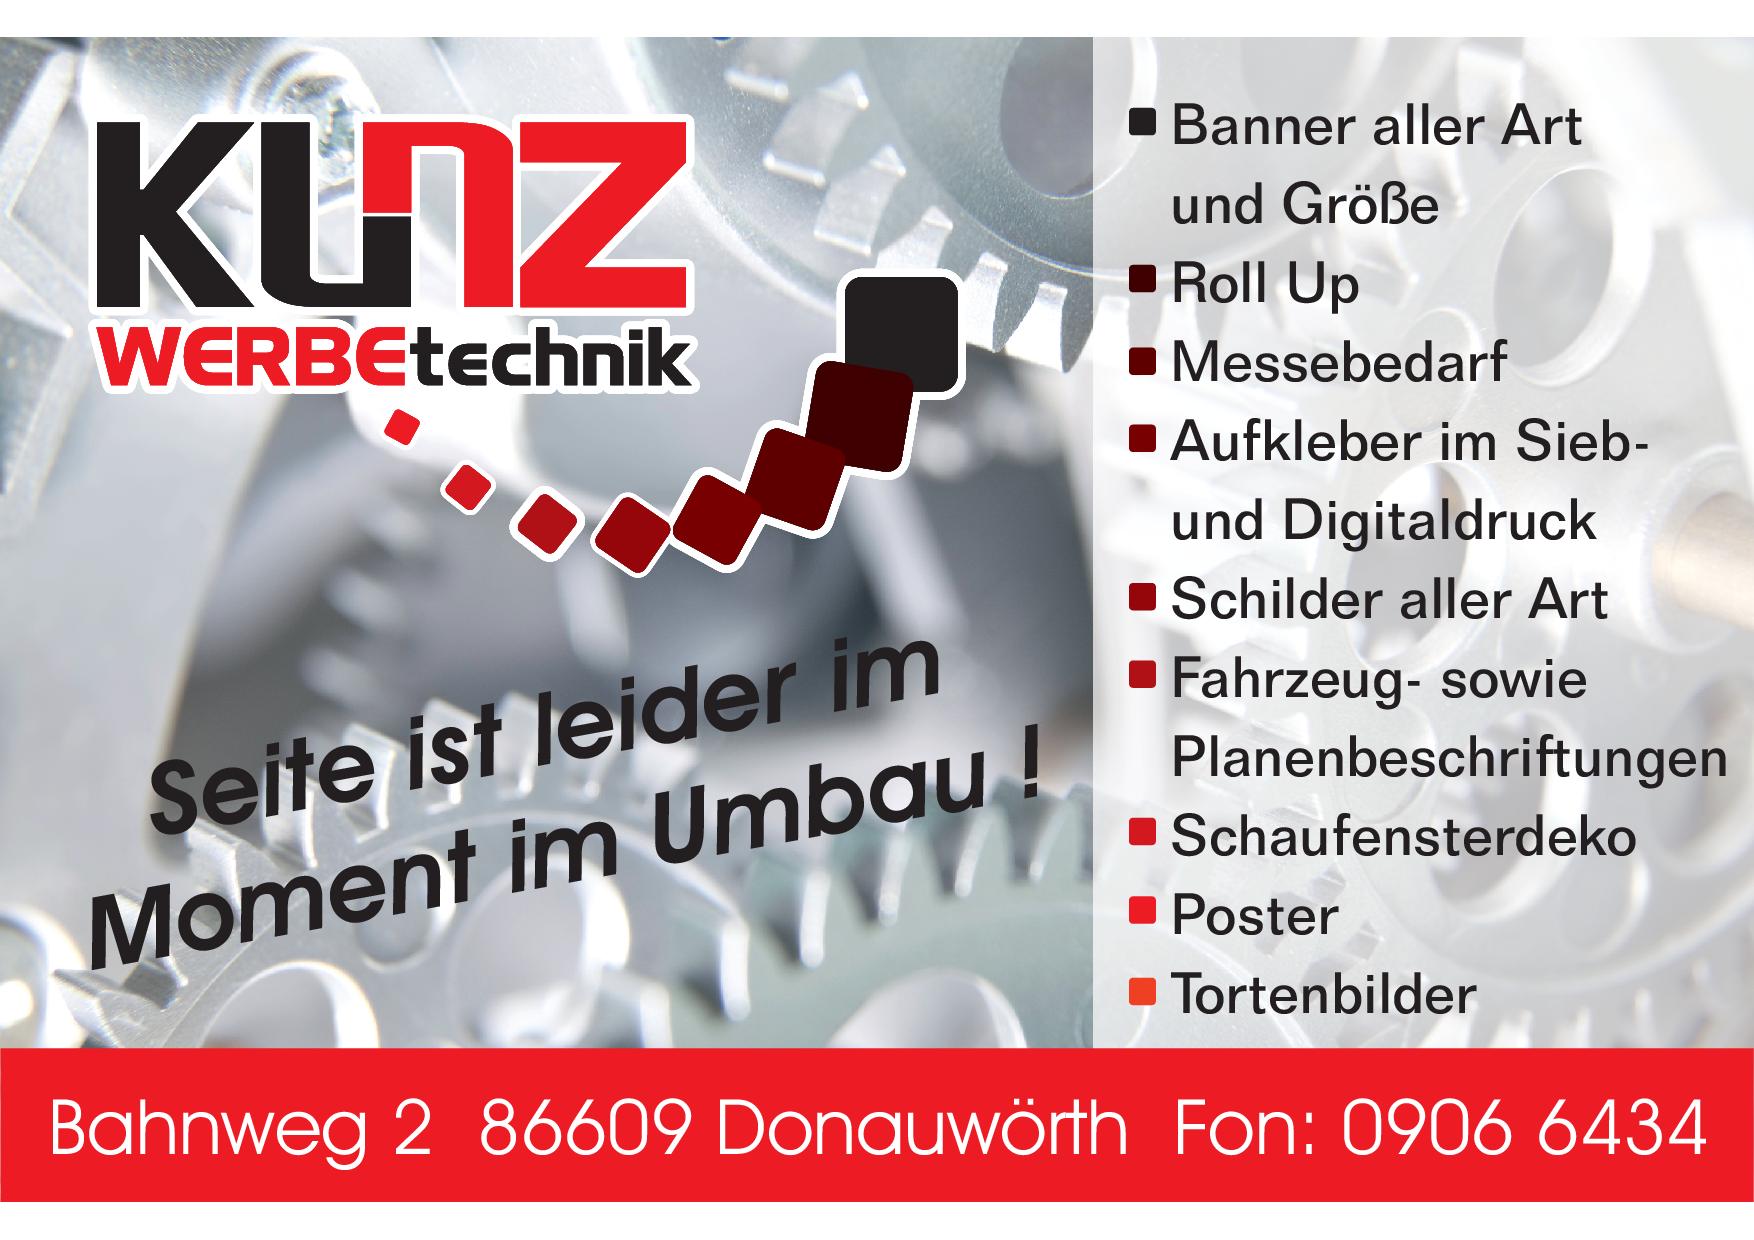 Werbetechnik Kunz